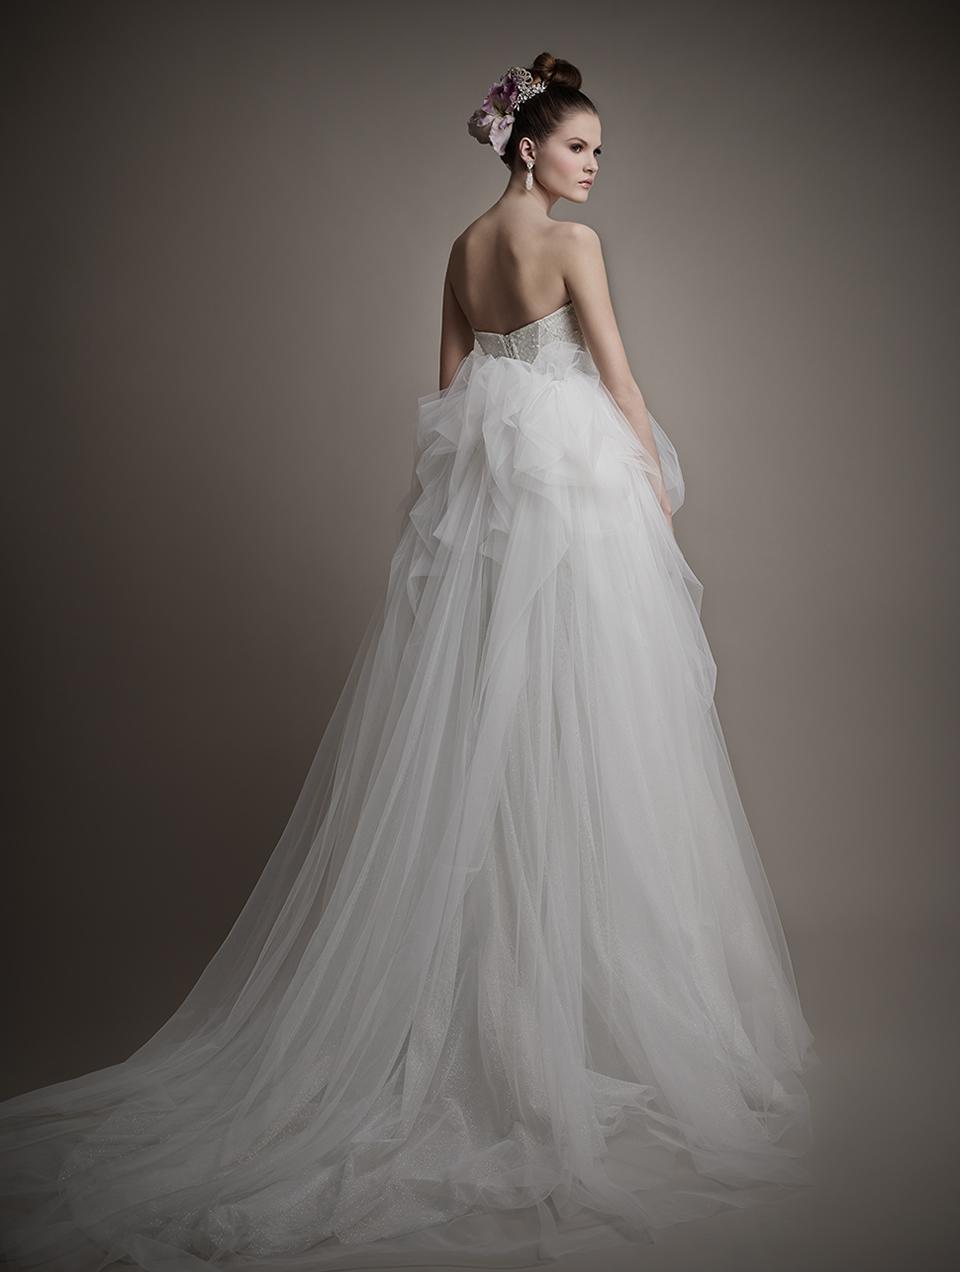 Коллекция свадебных платьев 2015 года от Ersa Atelier14-1